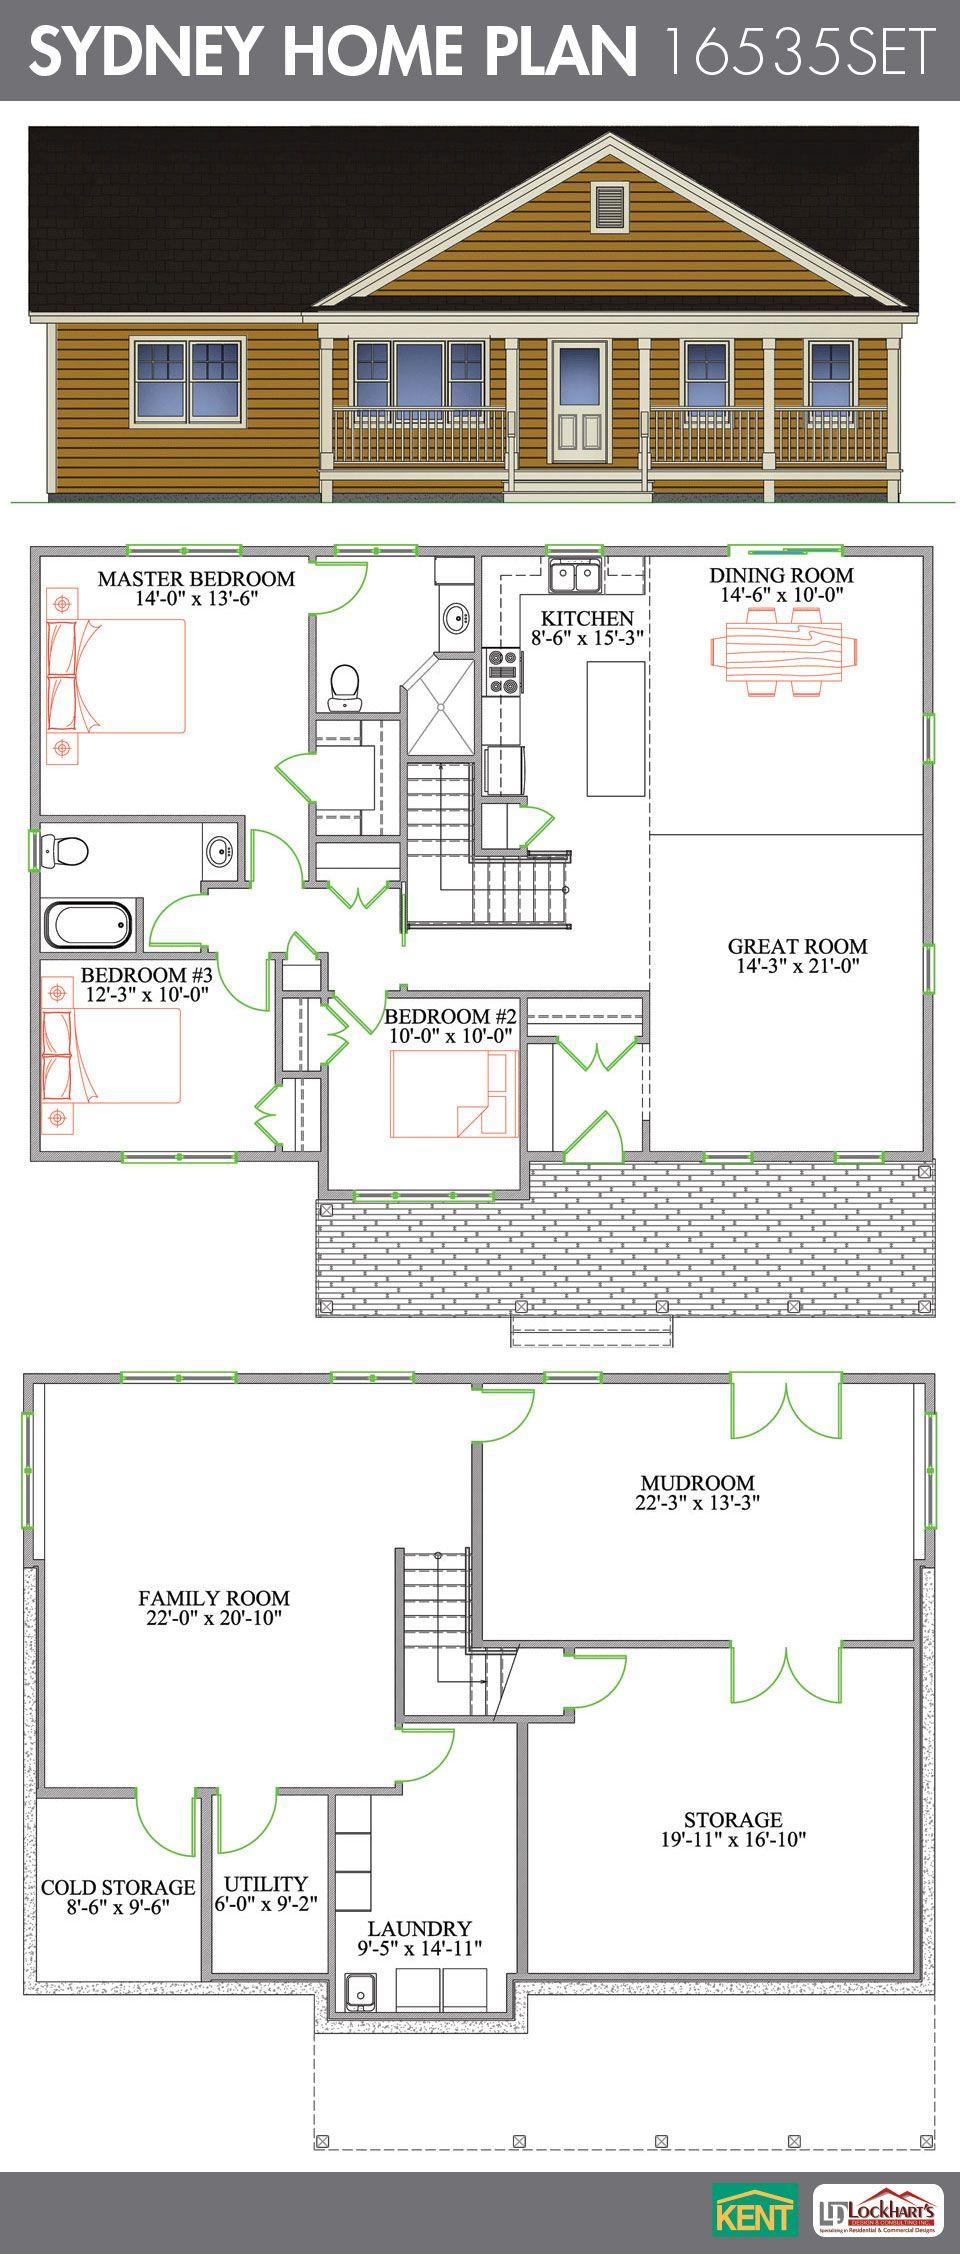 Sydney Home Plan Kent Building Supplies House Plans Bungalow House Plans Open Concept Great Room